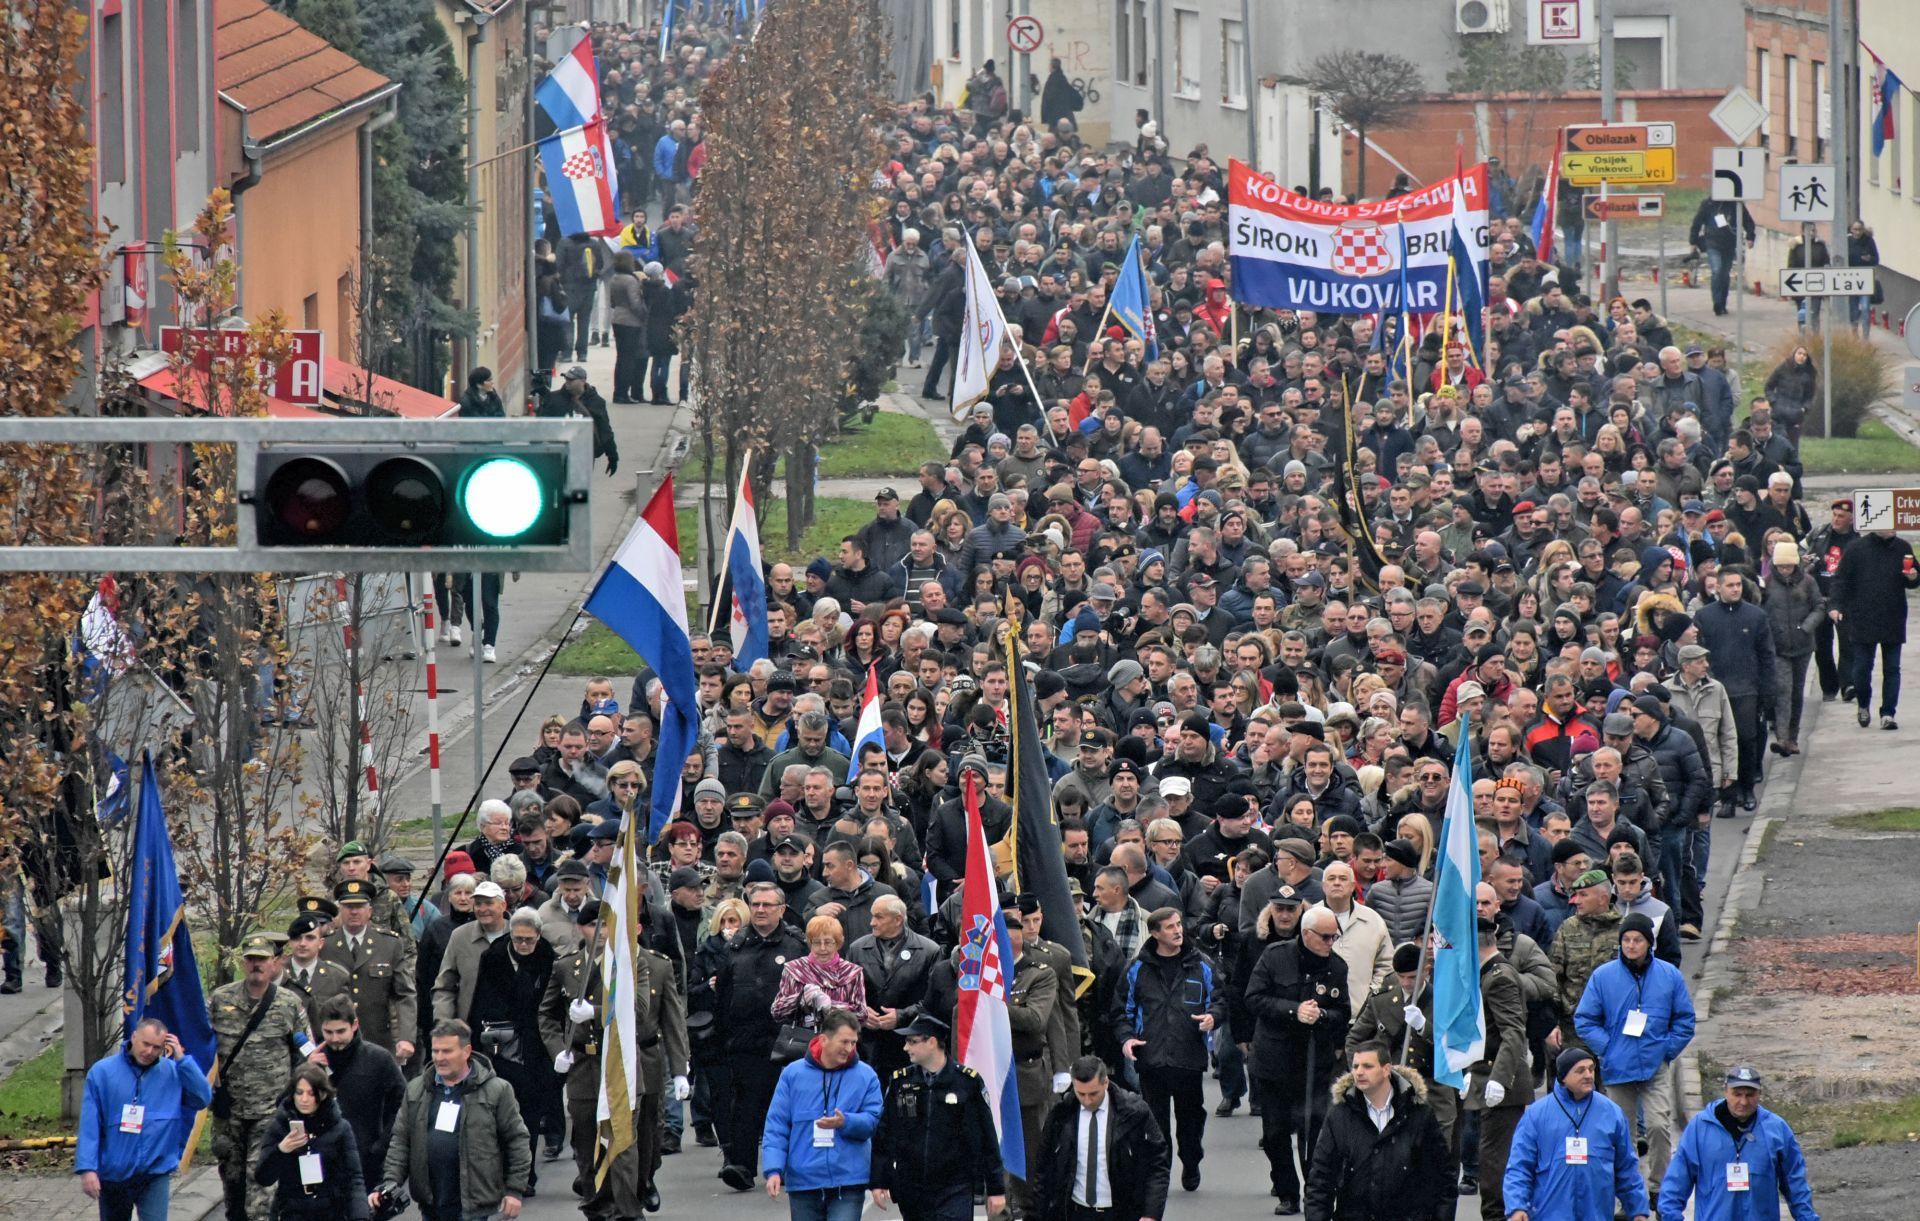 VUKOVAR U koloni sjećanja oko 64 tisuće ljudi